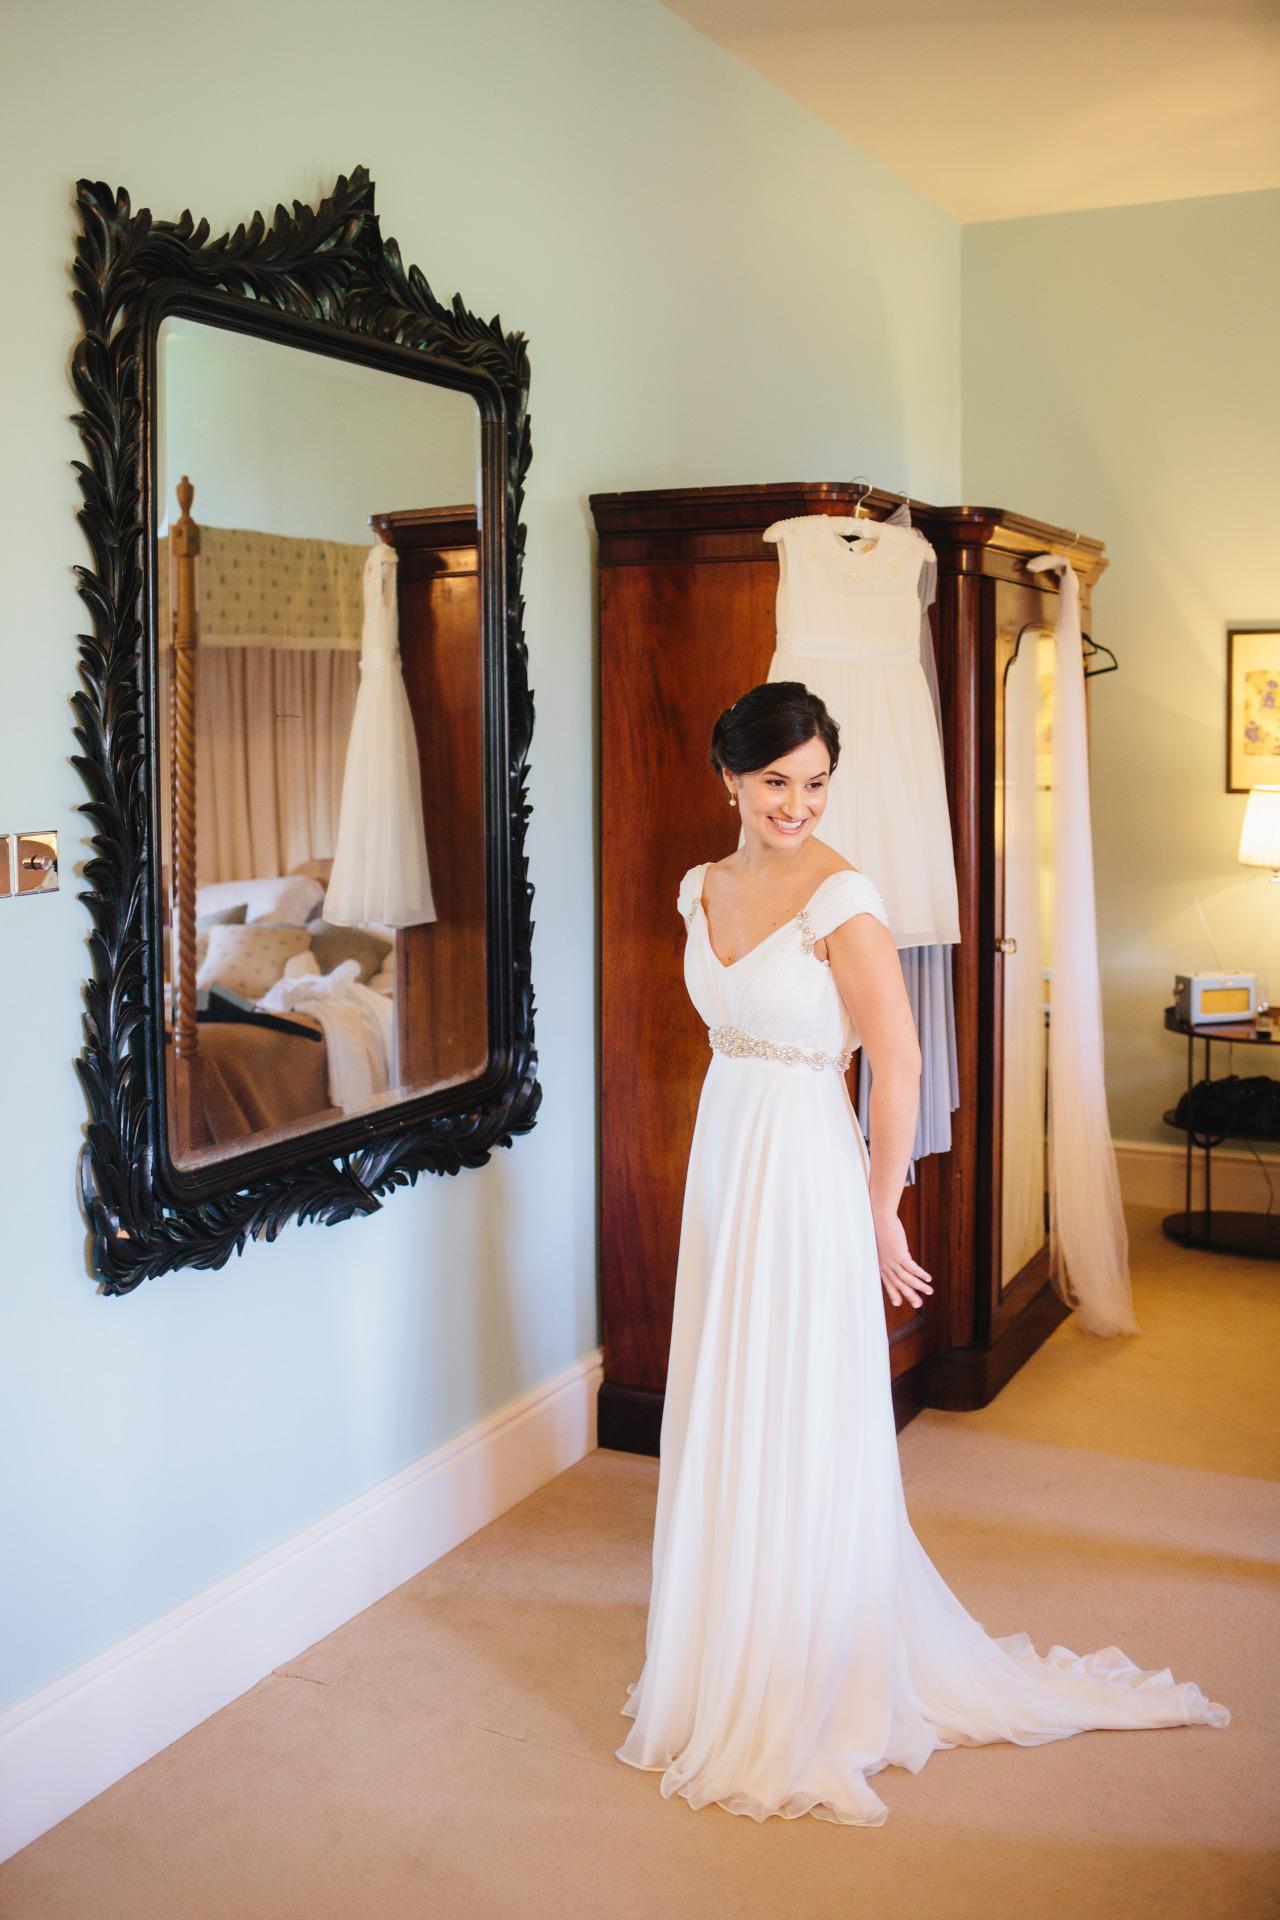 white chiffon wedding dress